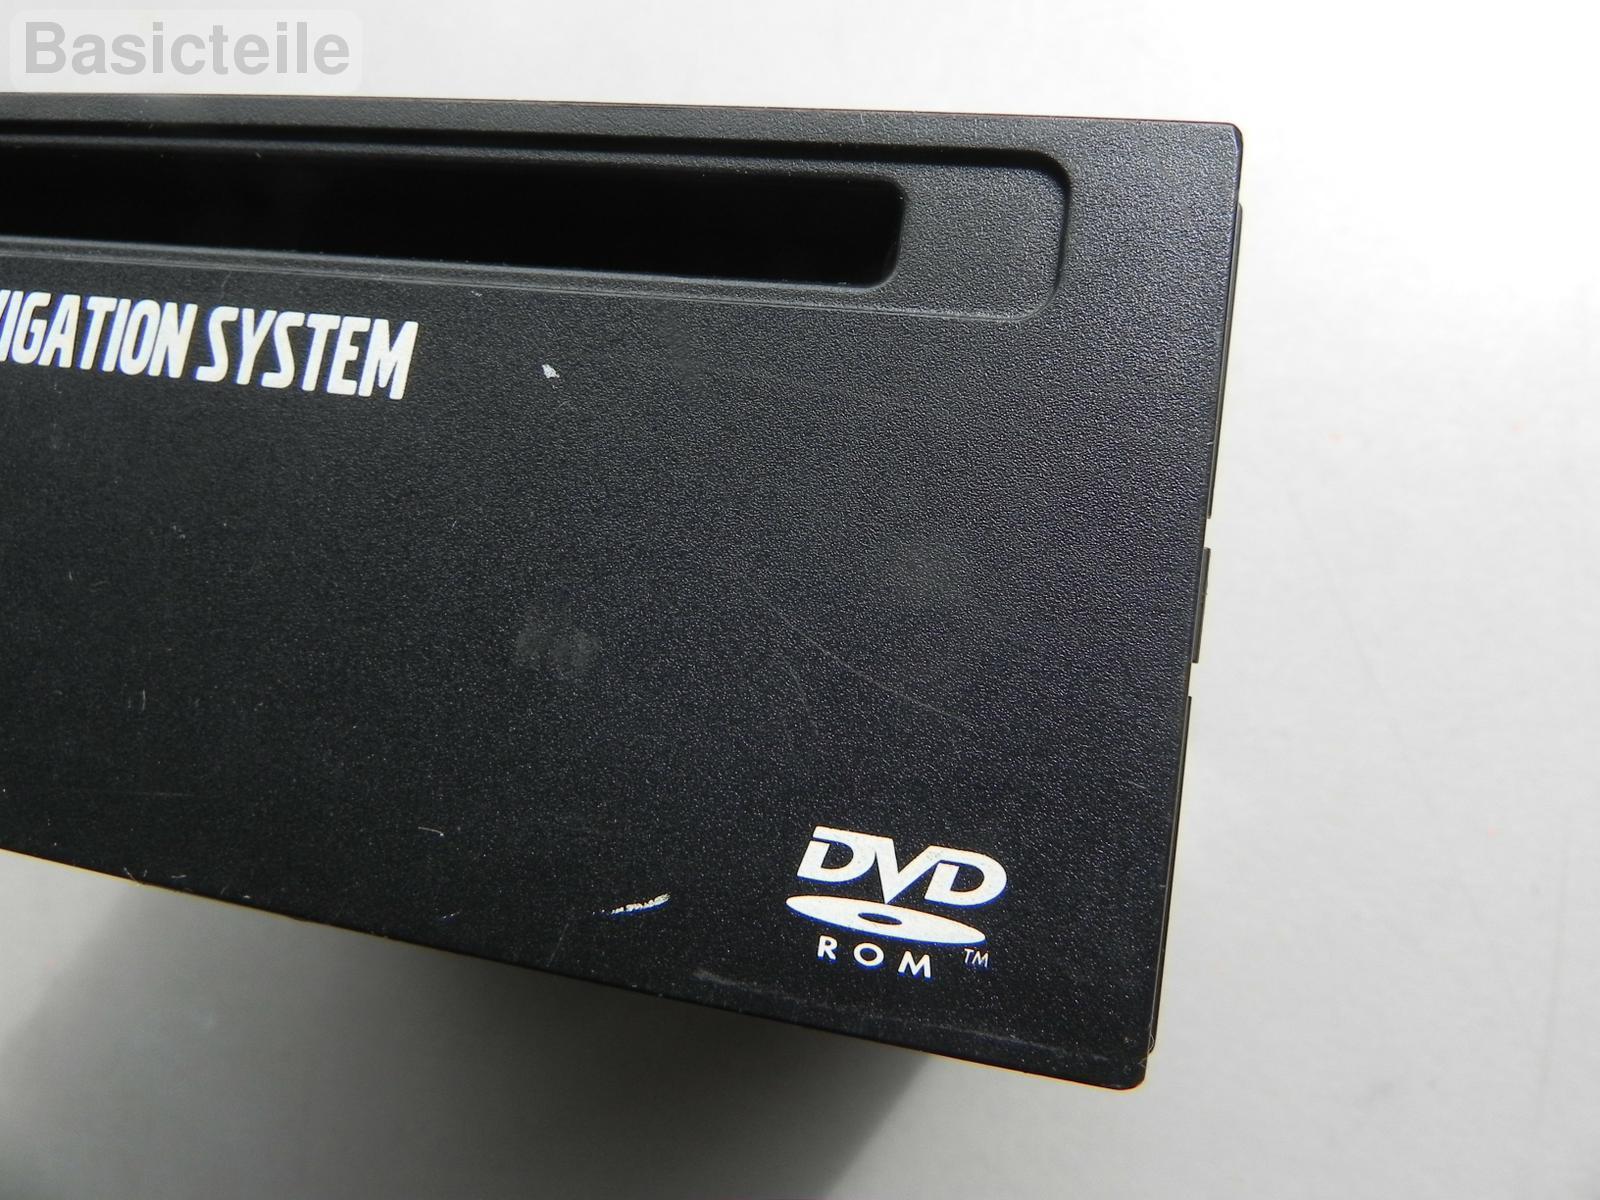 volvo v70 ii s60 s80 gps navigation dvd steuerger t navi. Black Bedroom Furniture Sets. Home Design Ideas